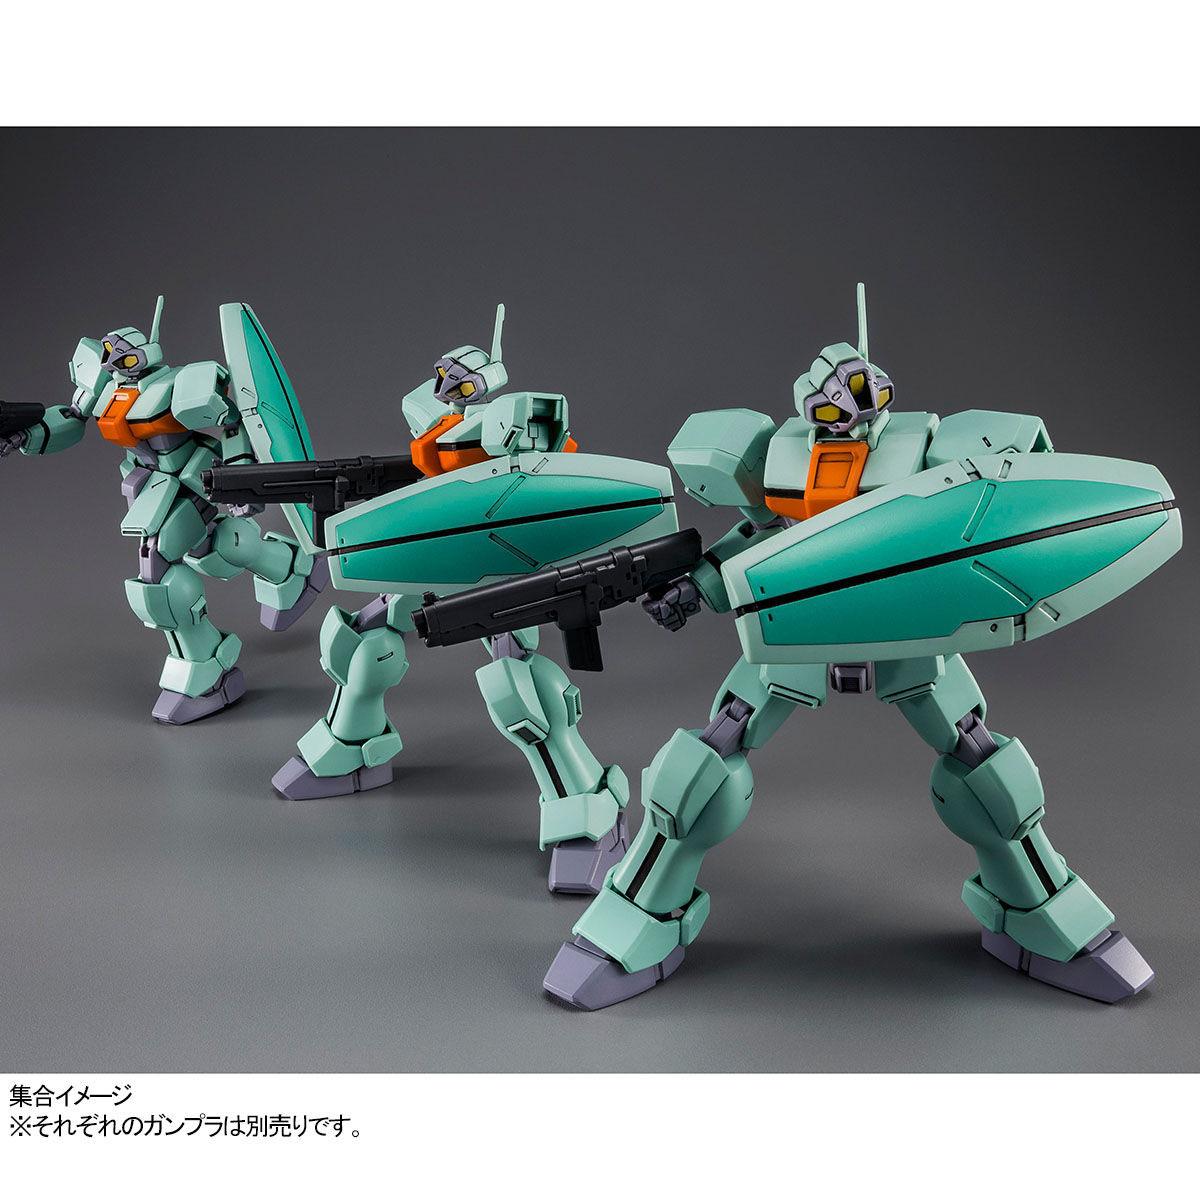 【限定販売】HG 1/144『ドートレス』ガンダムX プラモデル-008